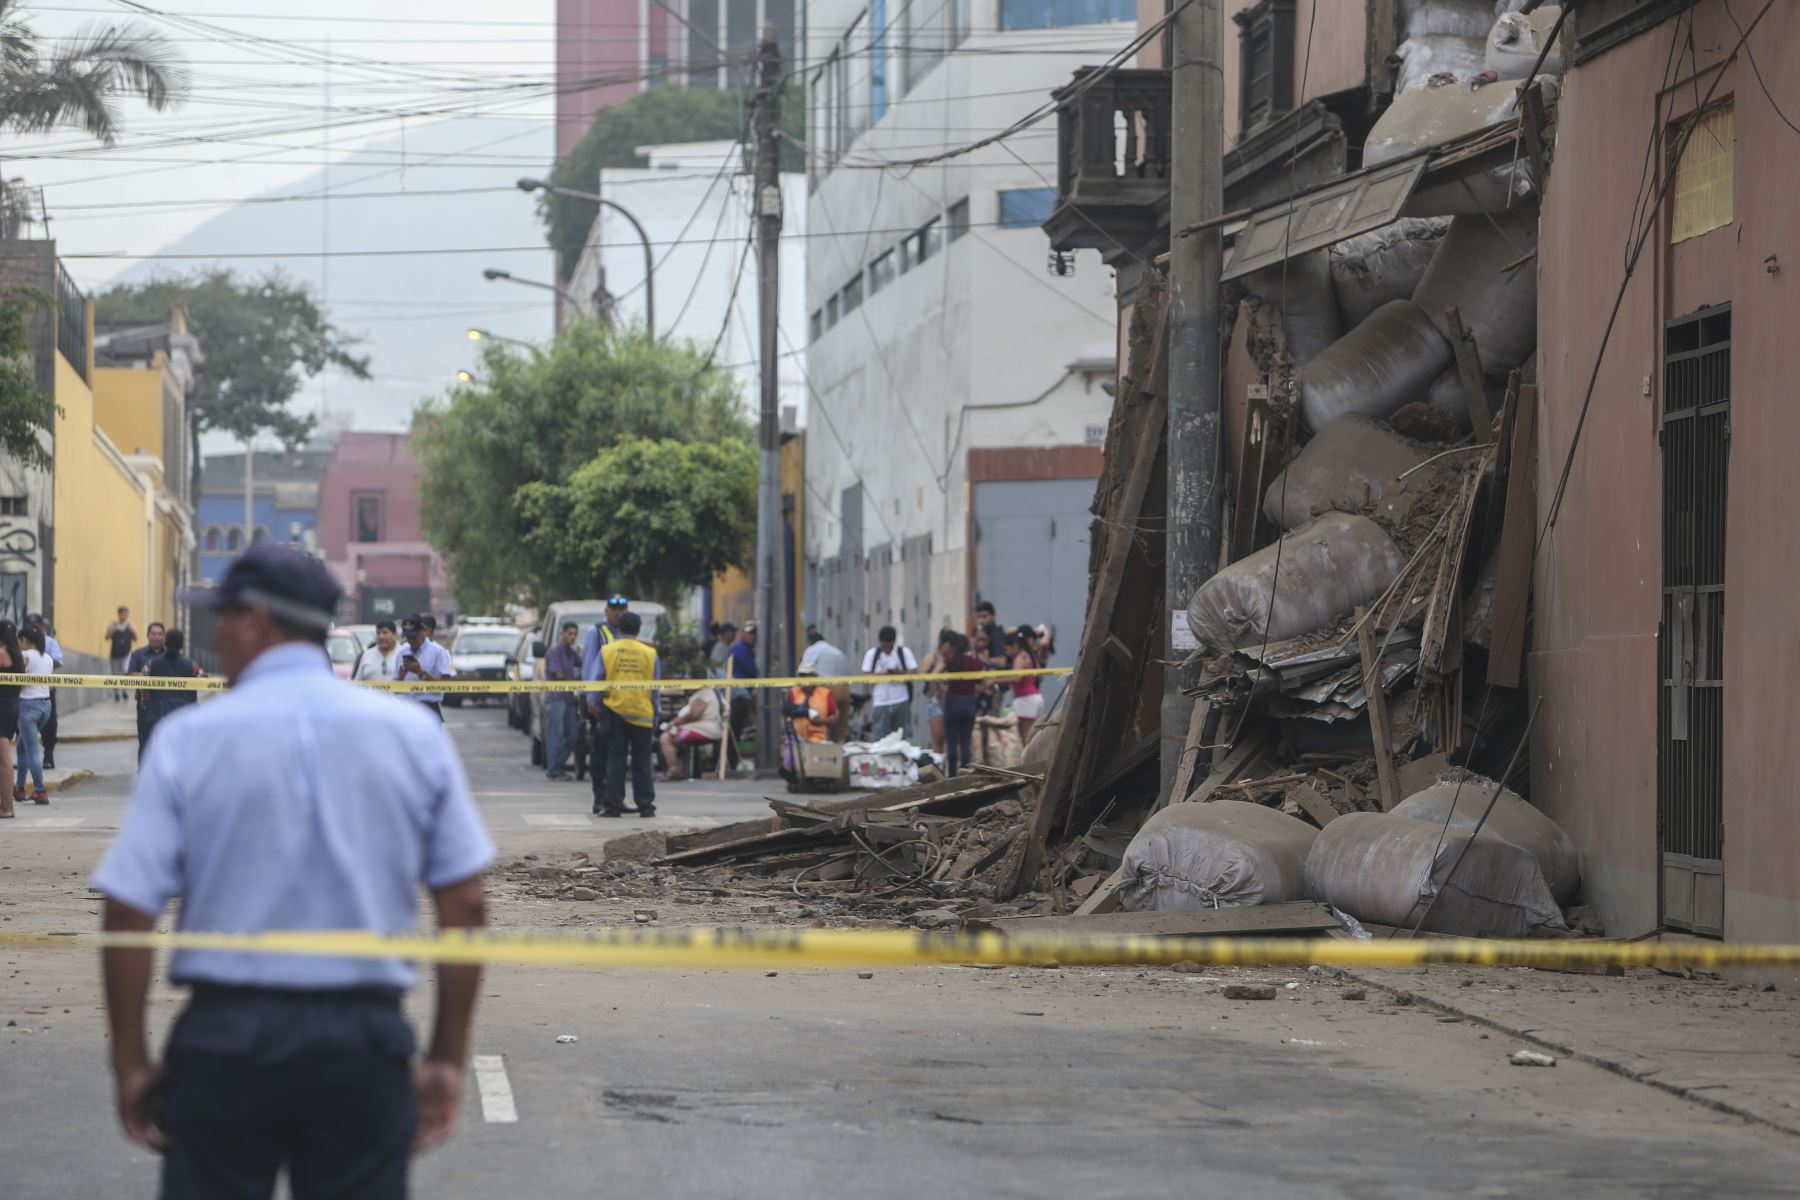 El jirón Cotabambas permanecerá cerrado hasta que puedan remover los escombros que quedaron tras el derrumbe. Foto: ANDINA/Jhonel Rodríguez Robles